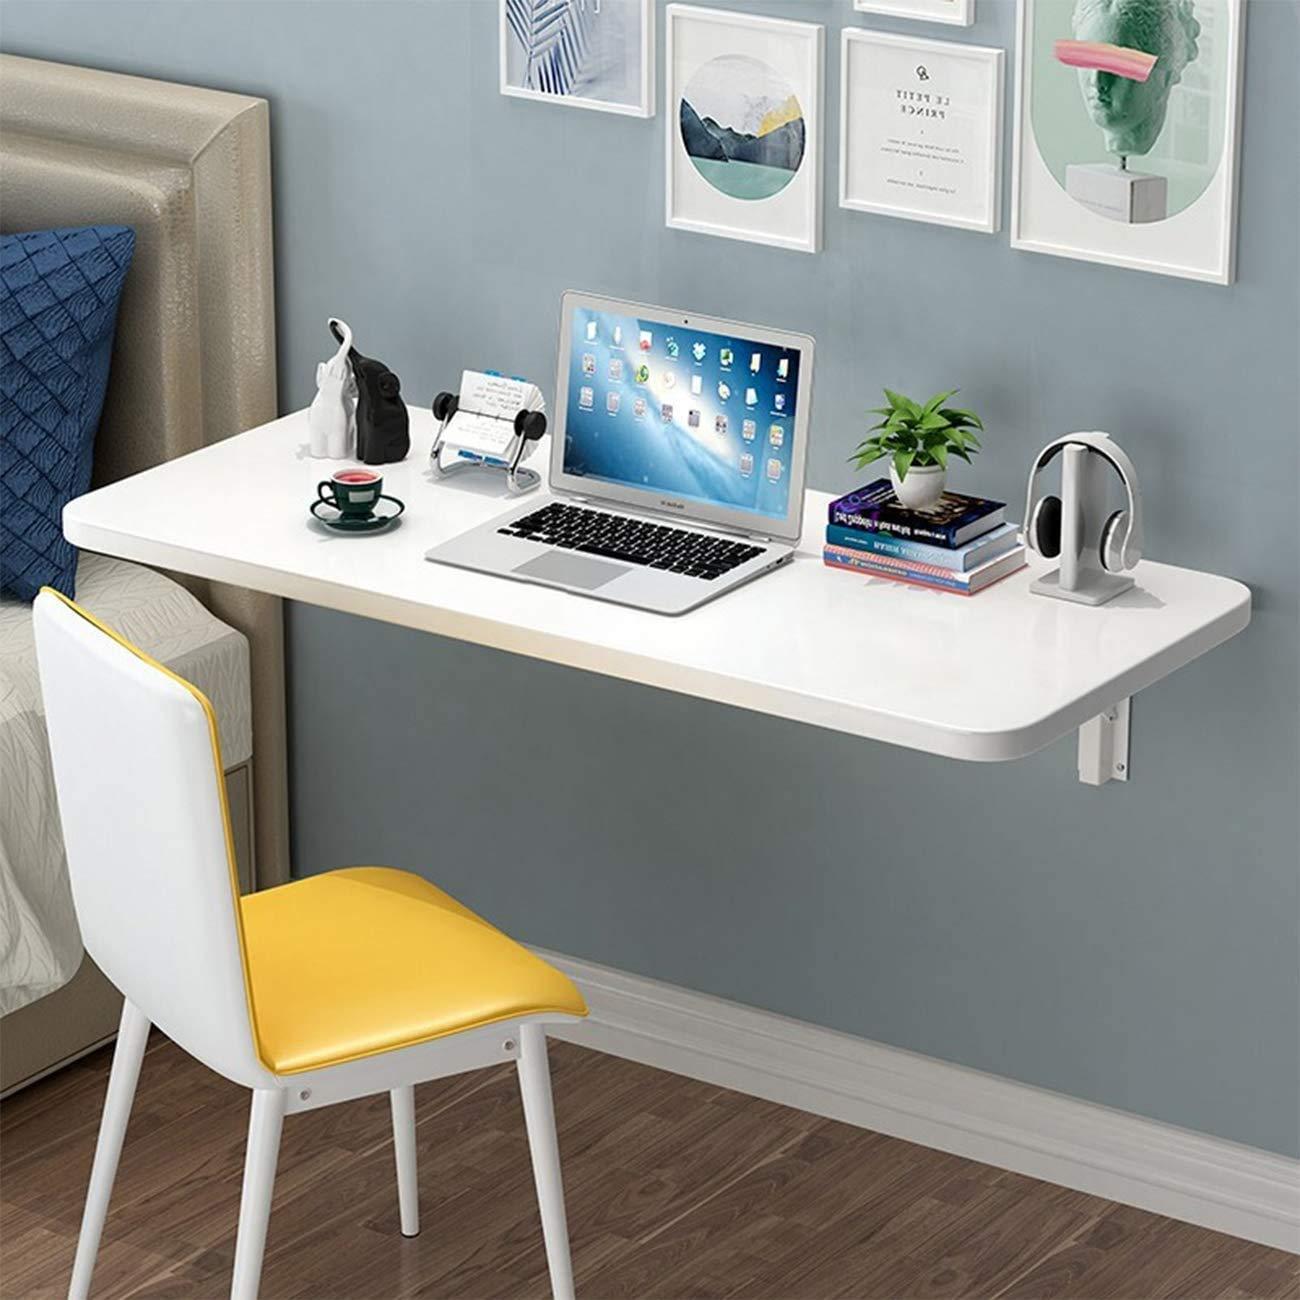 Väggfällbart väggbord fällbart bord matbord skrivbord, MDF, idealiskt val för datorbord/barnarbetsbord, för arbetsrum, sovrum, badrum eller balkong, vit 80*50CM